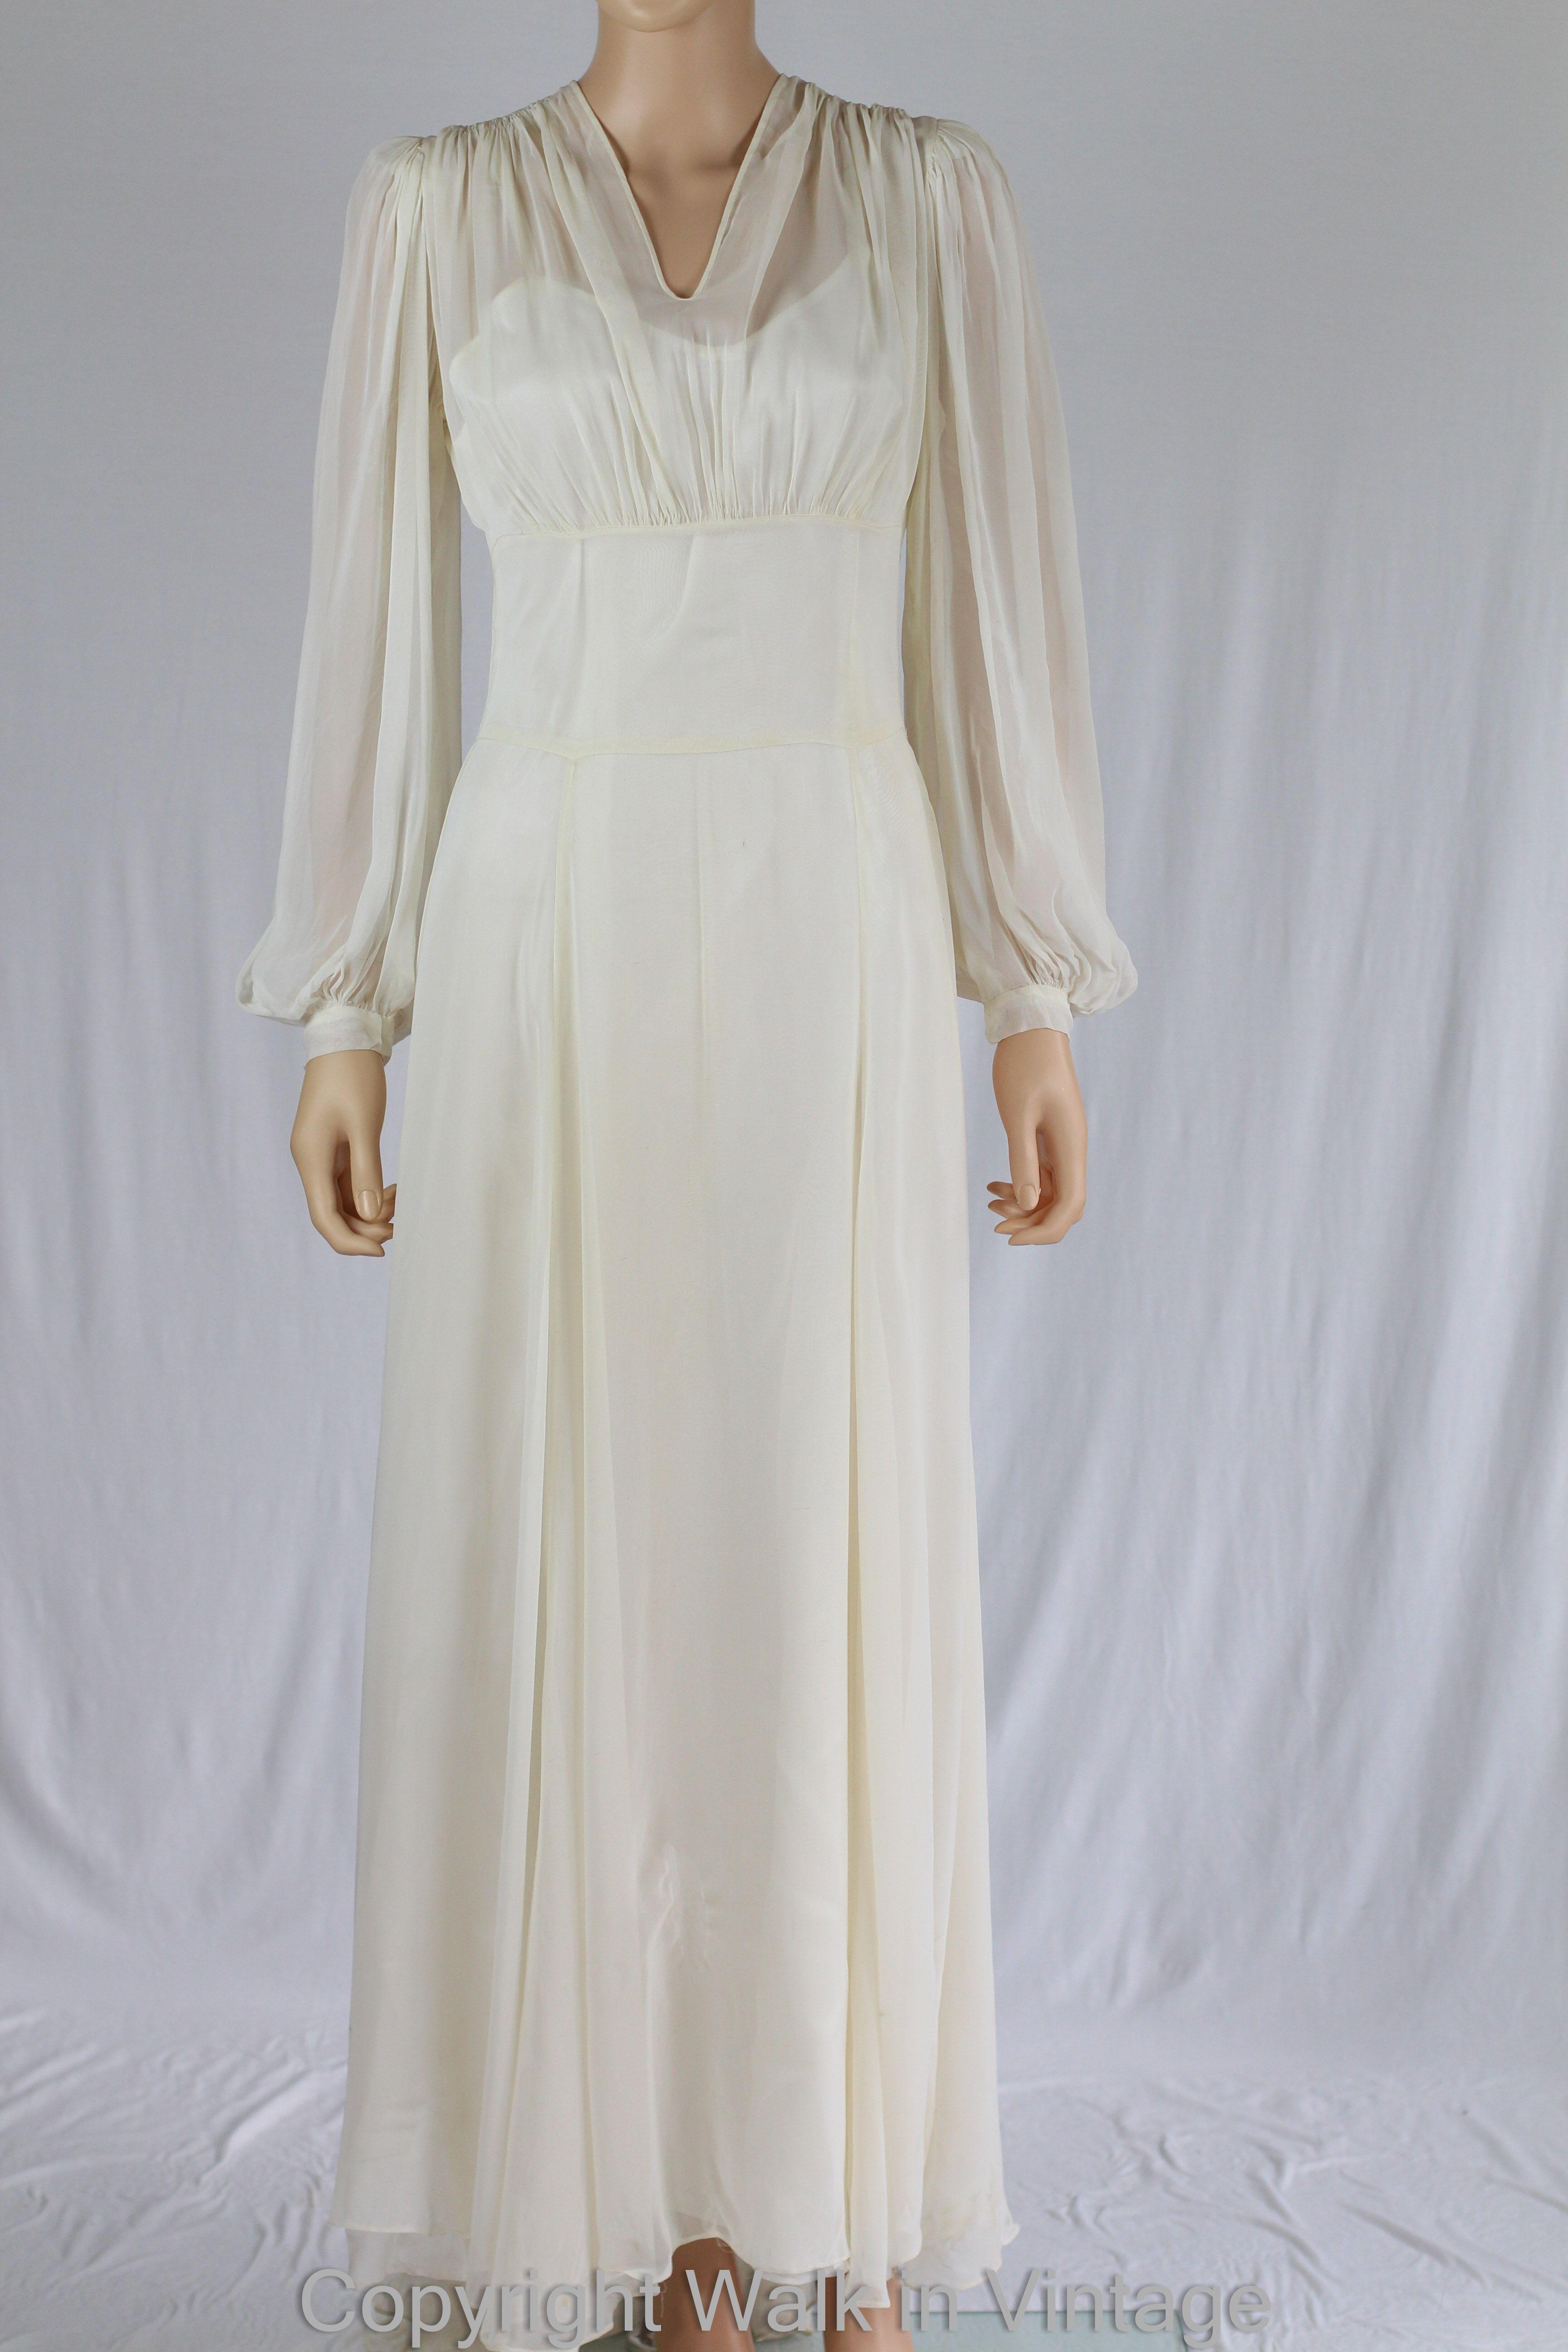 1930s wedding dress  Holywood Glamour s Chiffon Wedding Dress  s Clothing